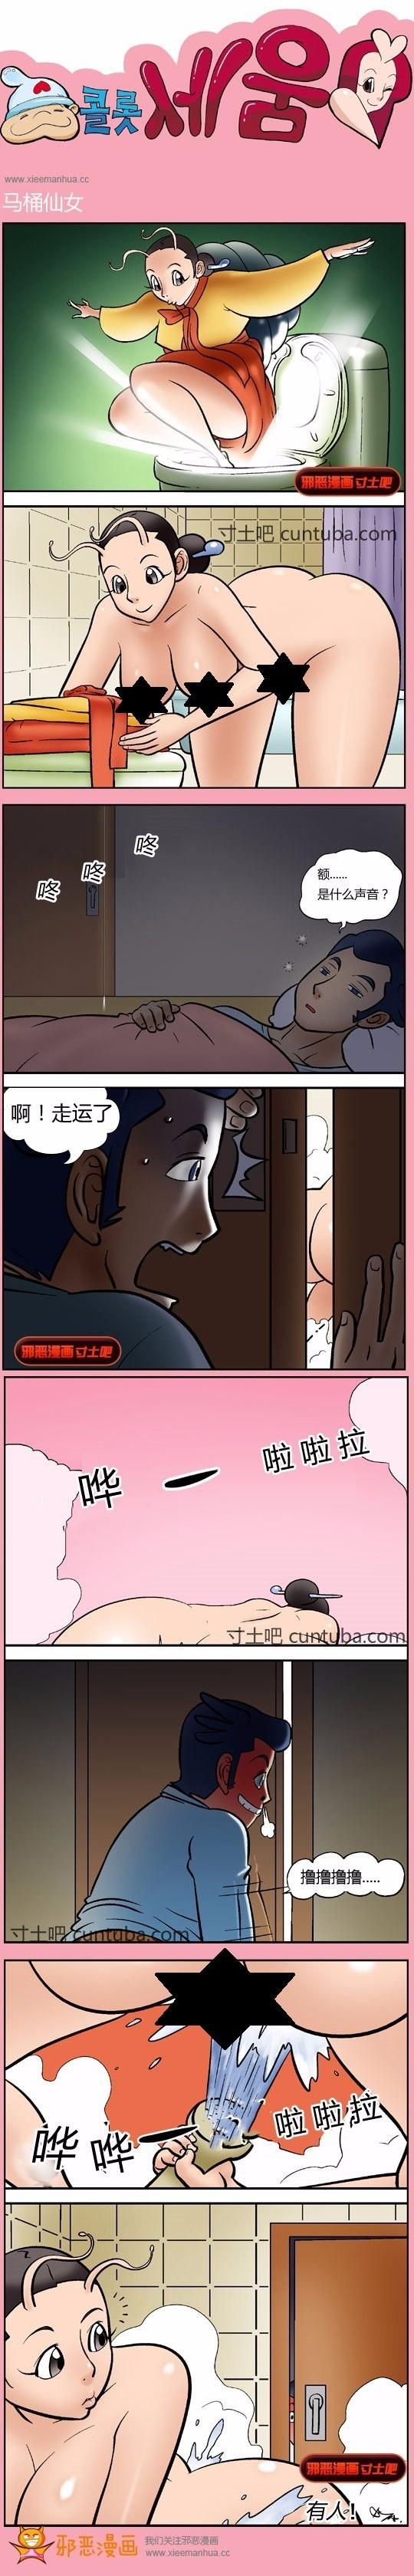 邪恶漫画:马桶